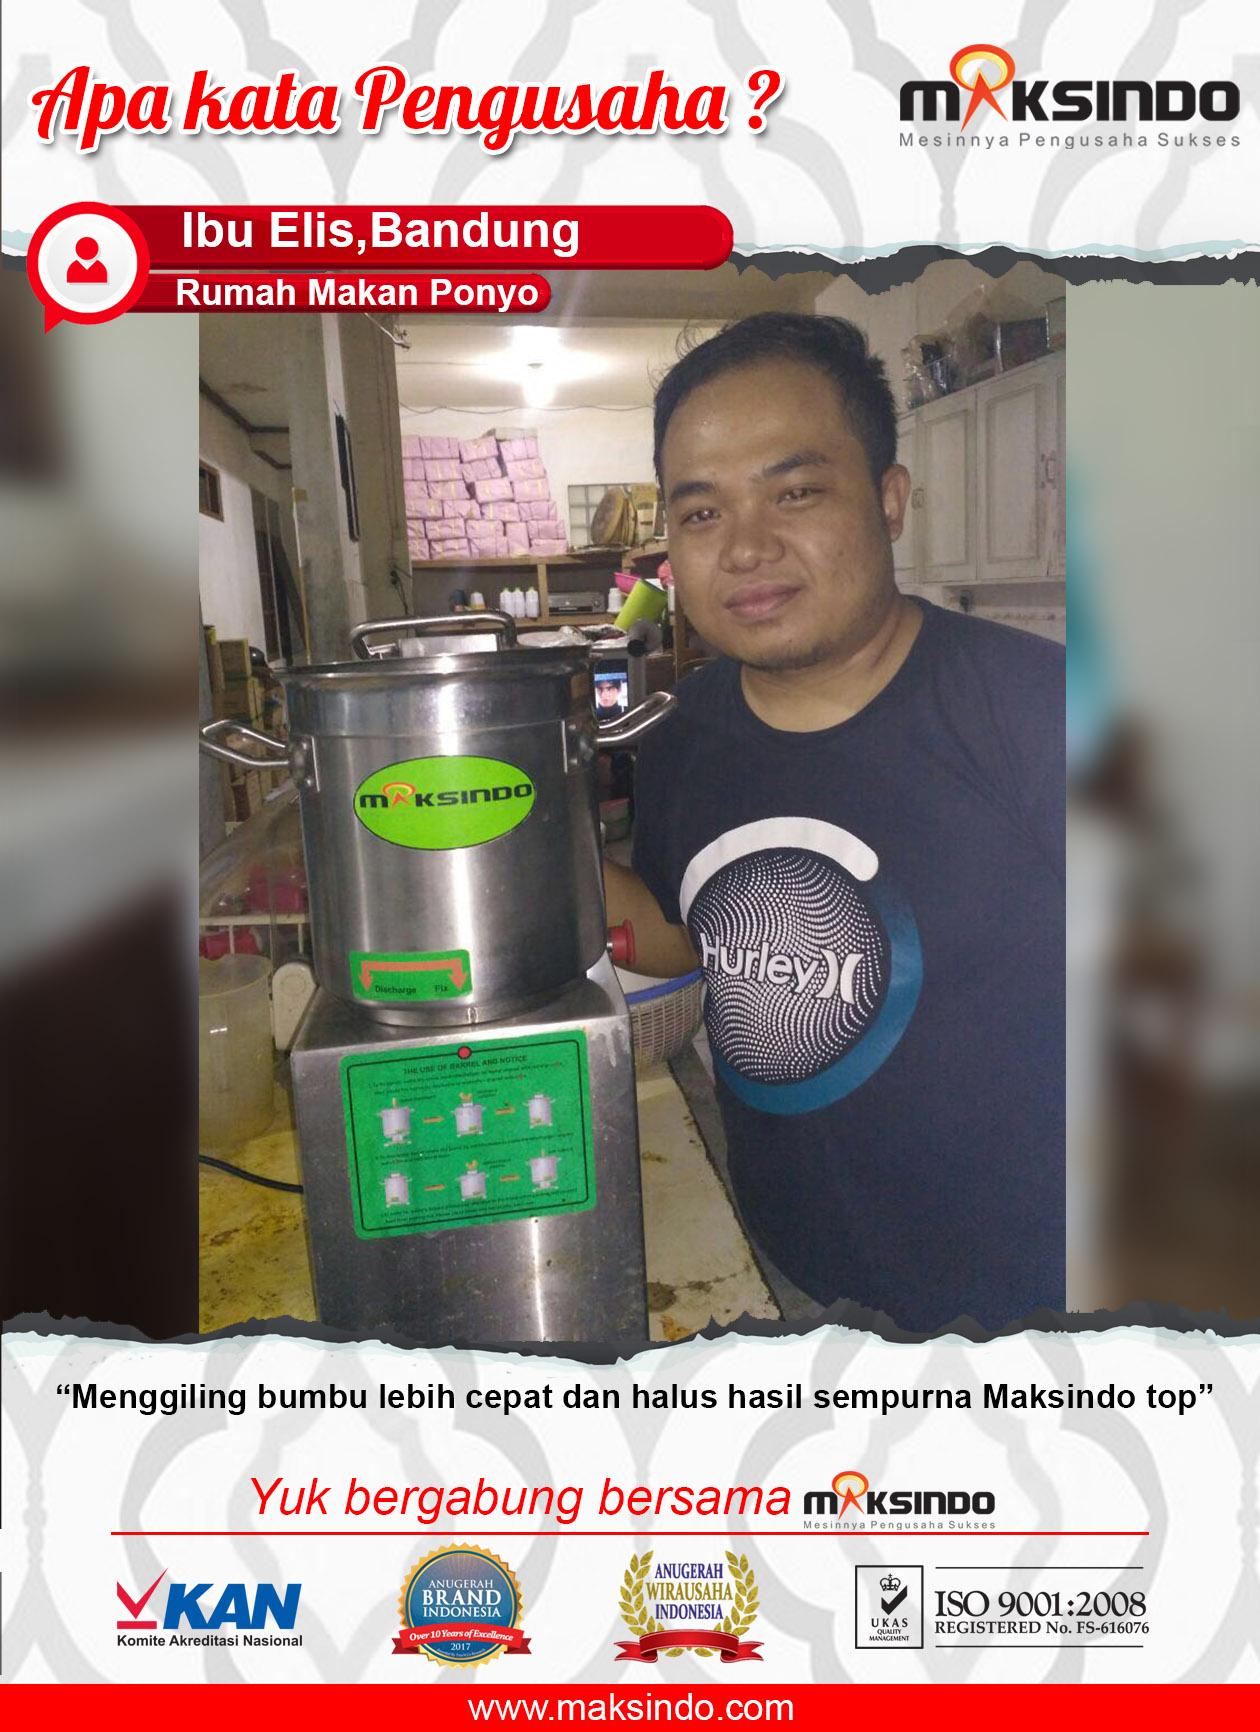 Rumah Makan Ponyo : Dengan Mesin Universal Fritter Maksindo Menggiling Bumbu Lebih Halus dan Cepat